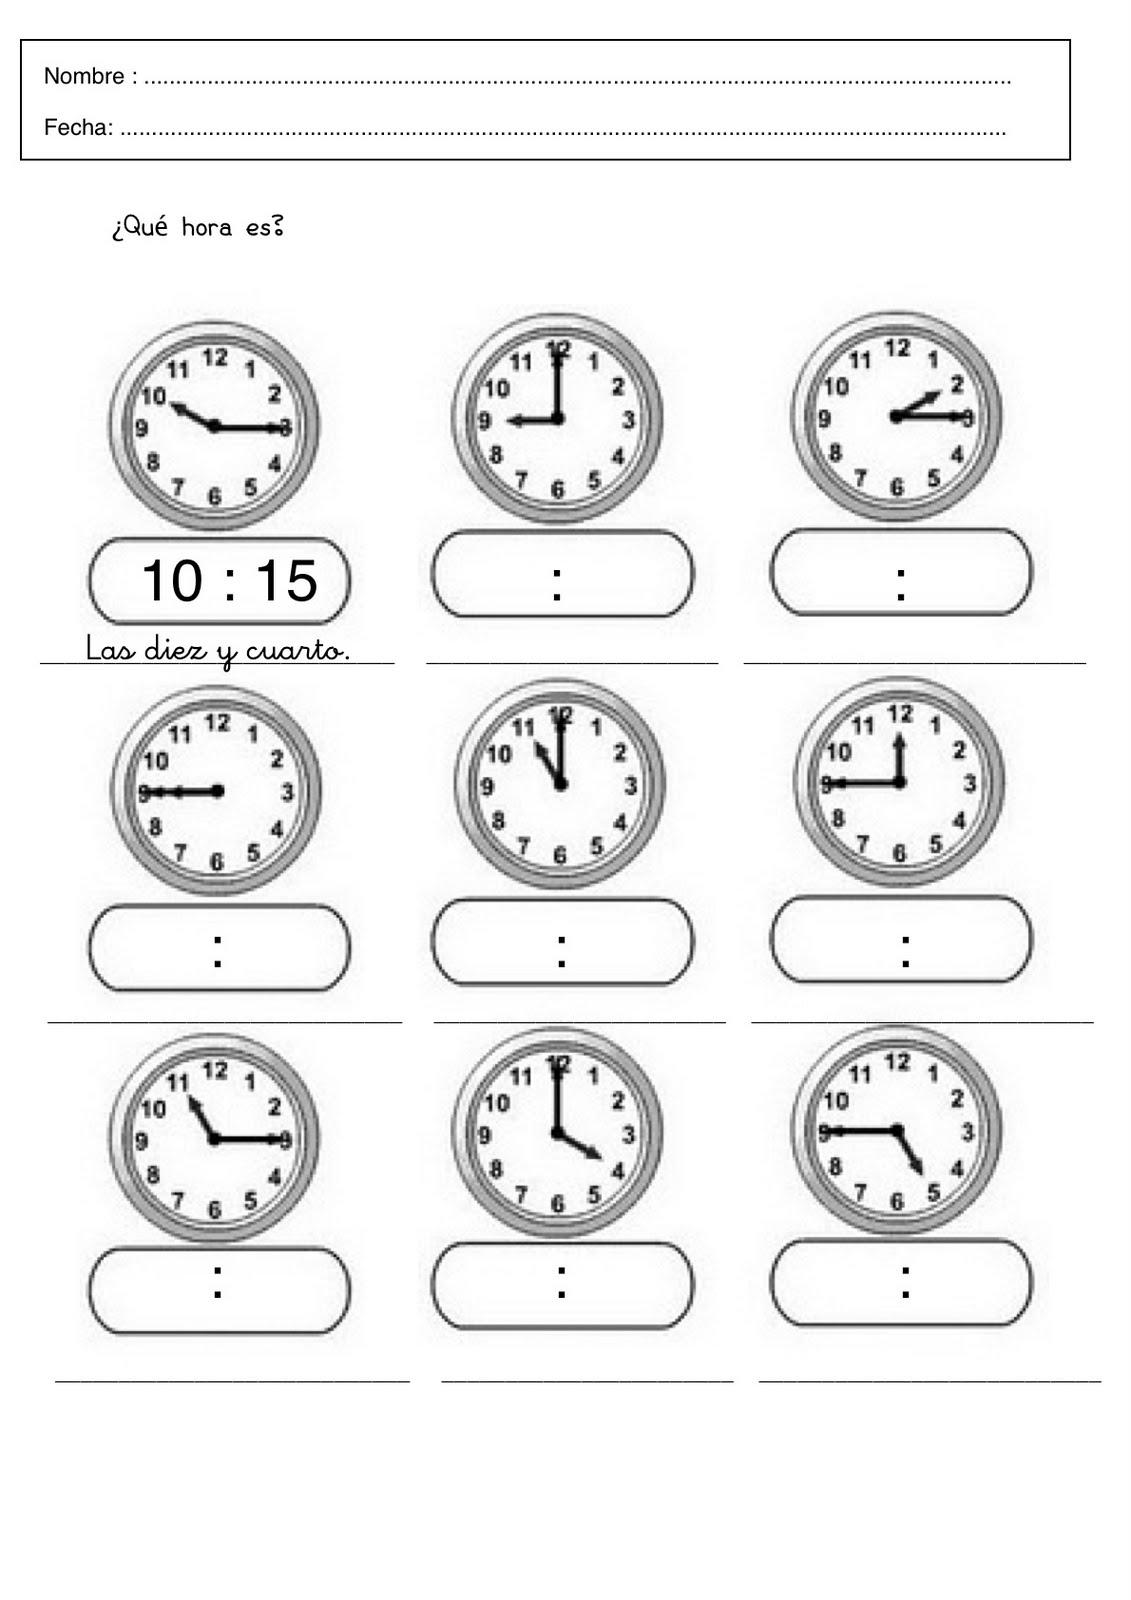 Resultado de imagen para que hora es actividades